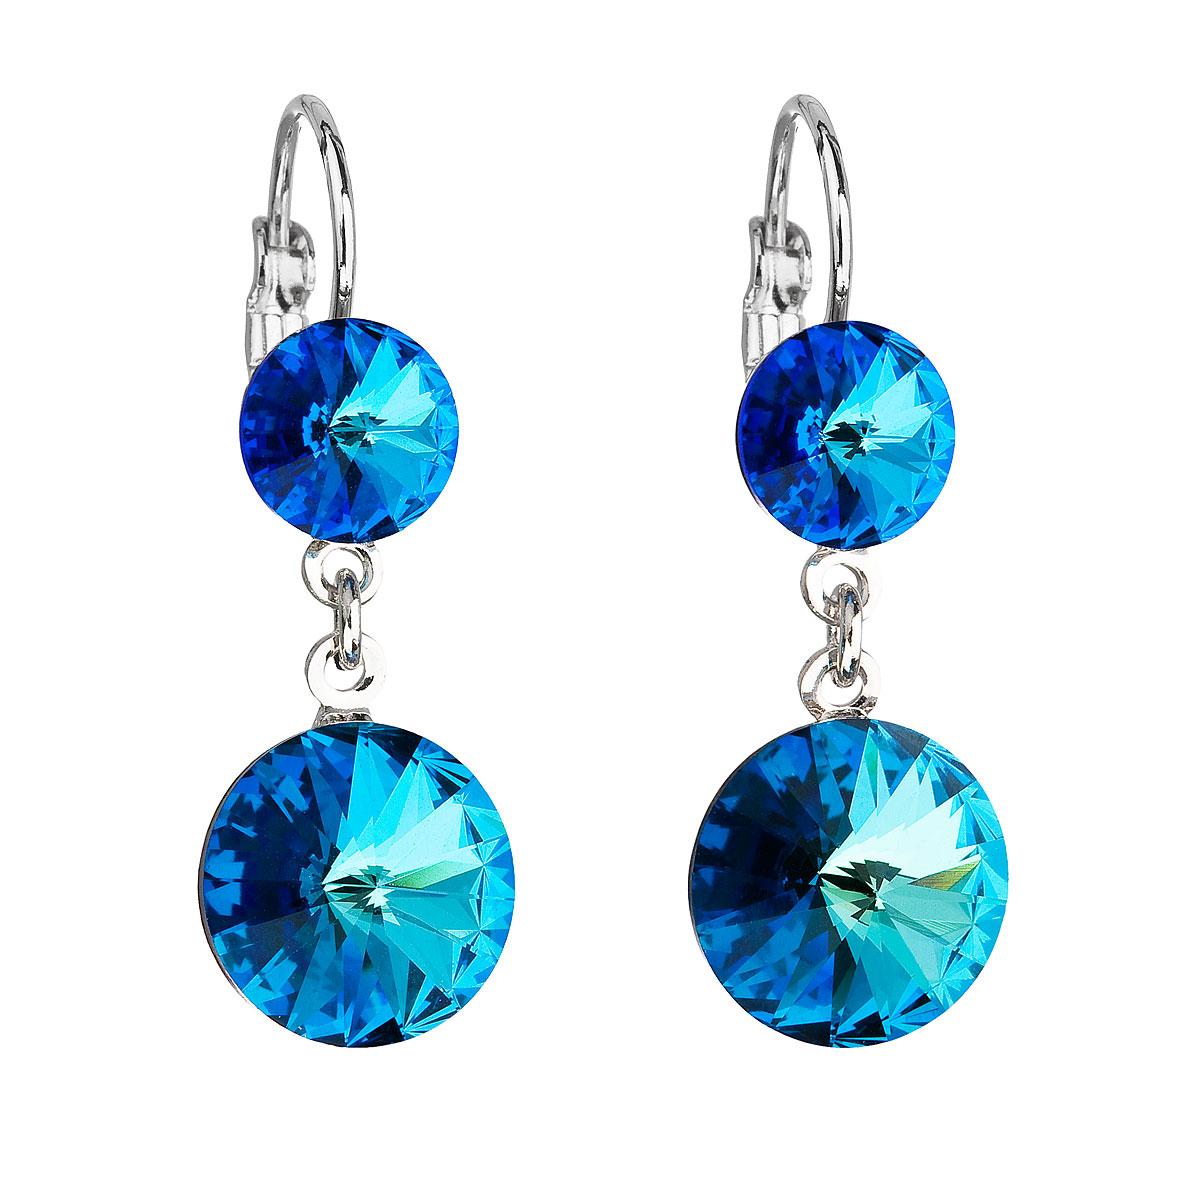 Levně Evolution Group Náušnice bižuterie se Swarovski krystaly modré kulaté 51044.5